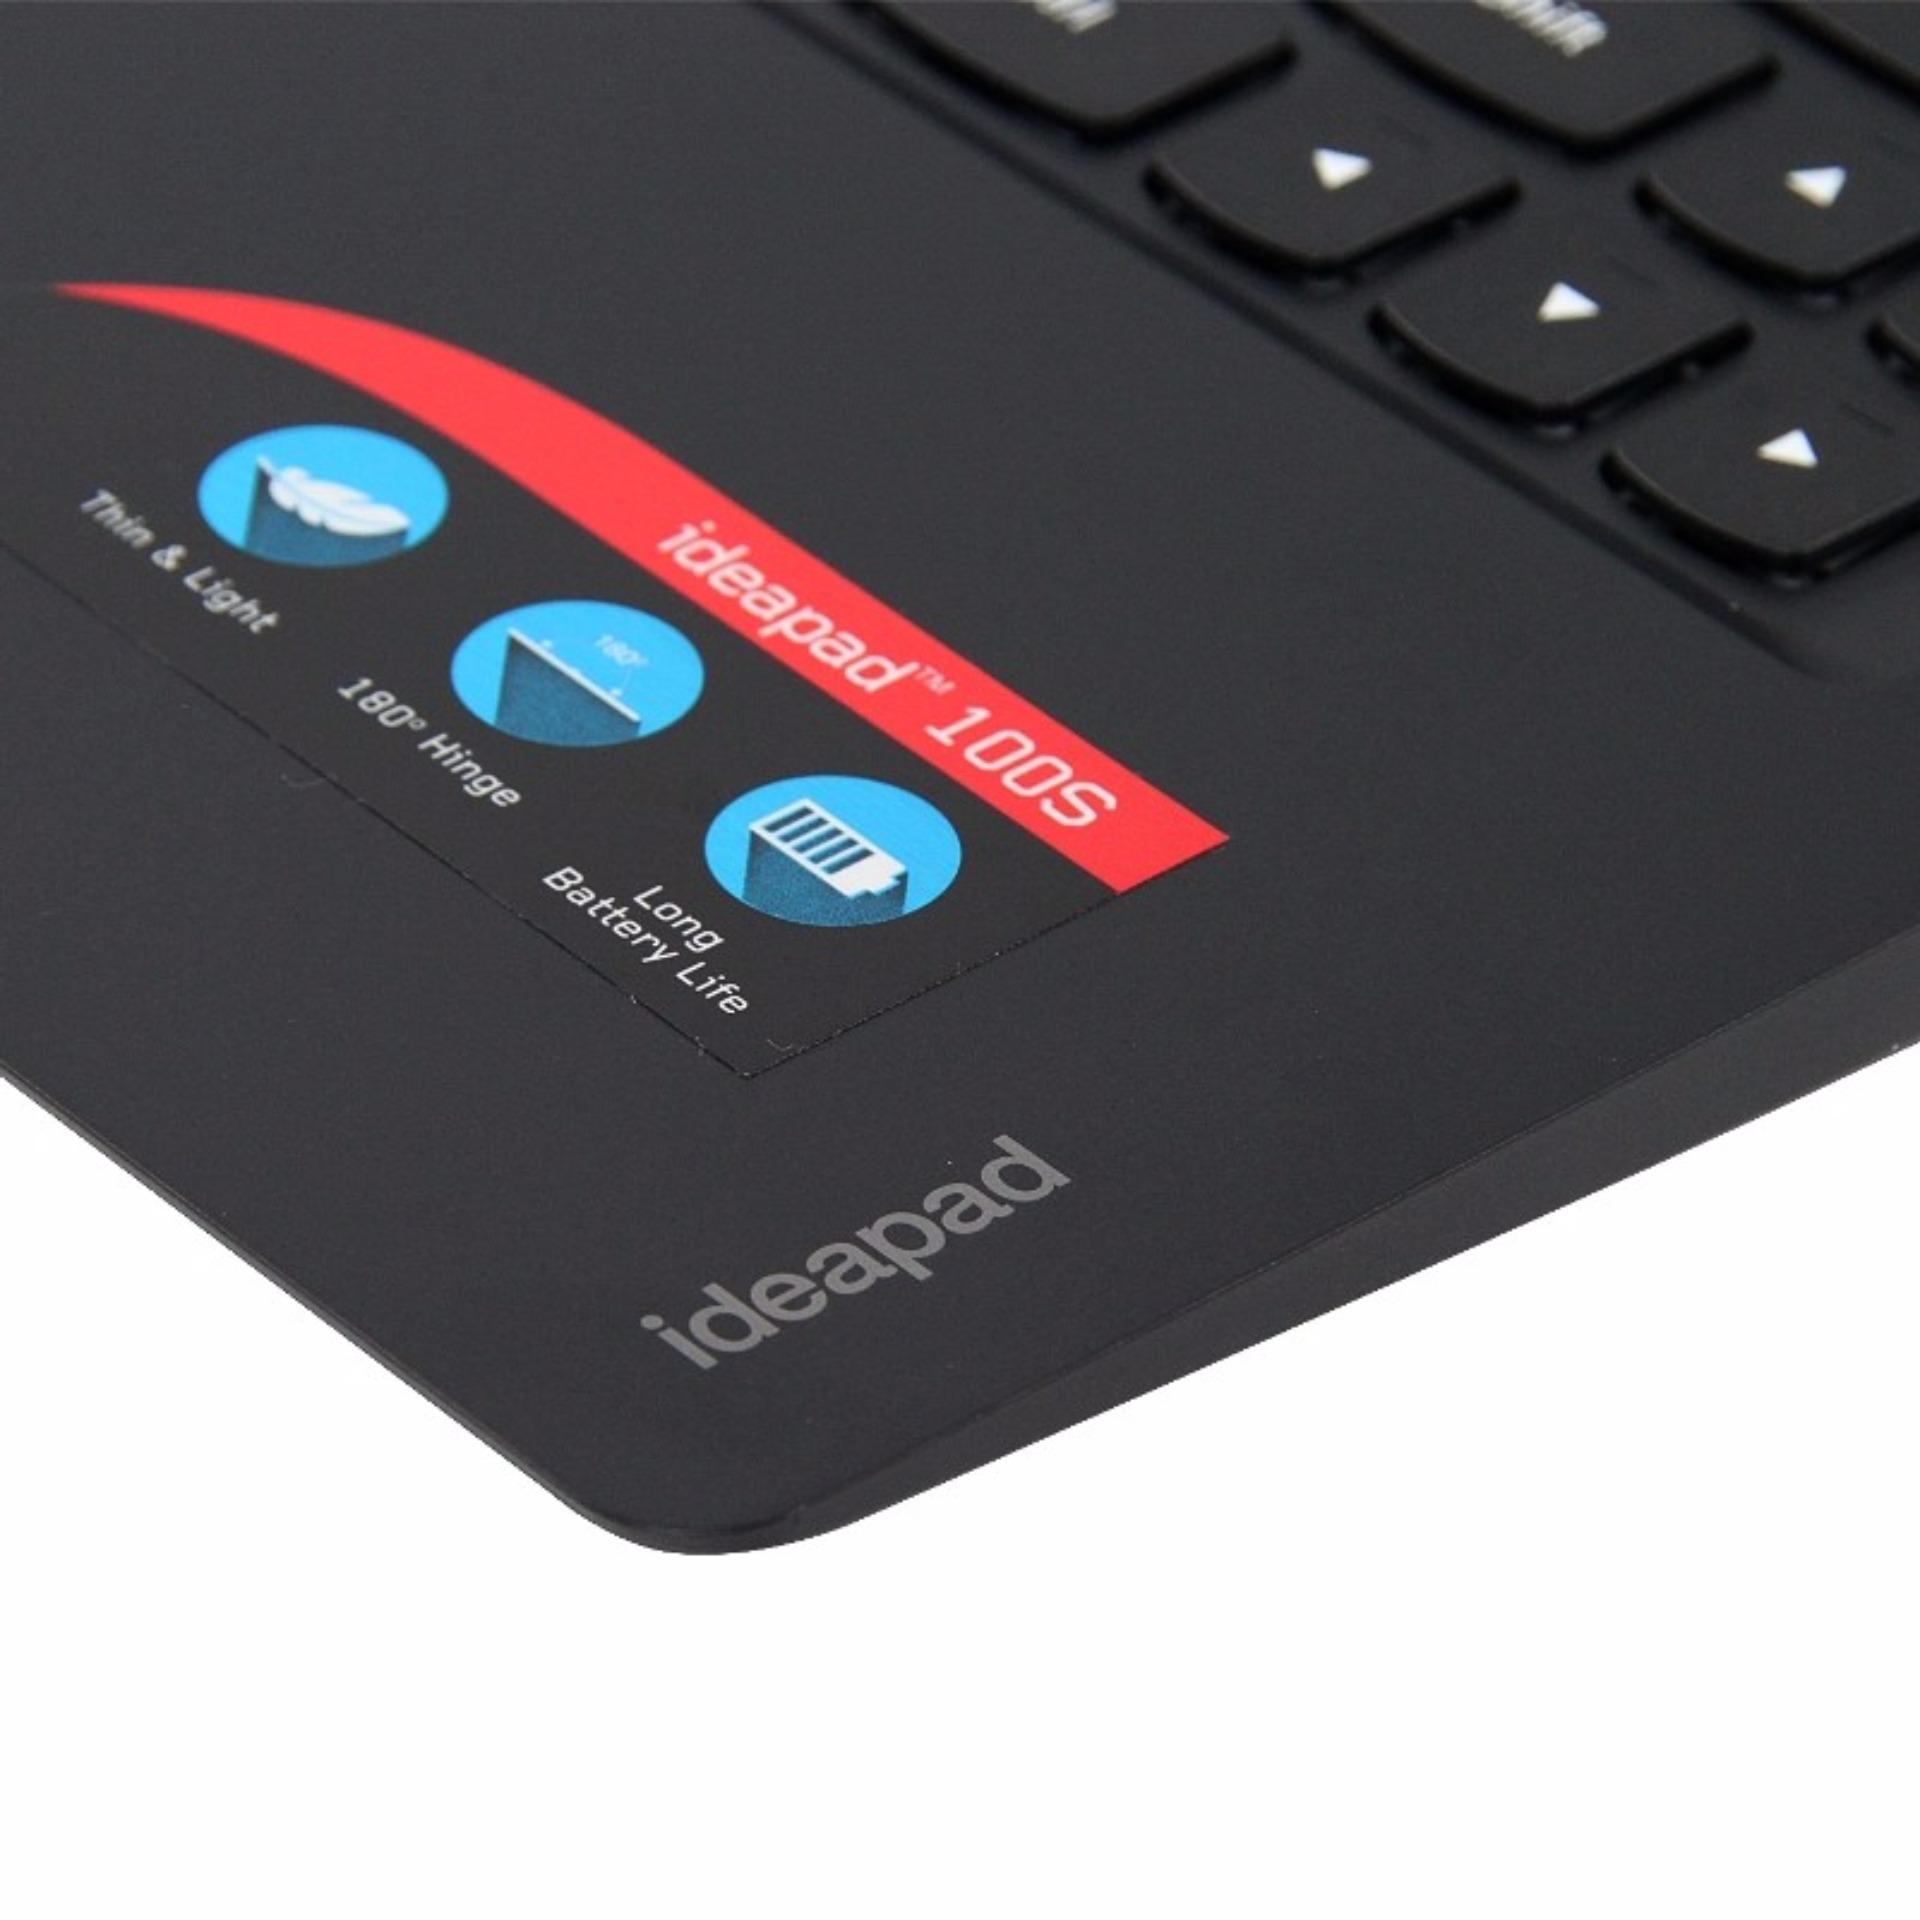 Online Murah Lenovo Ideapad 100s 14ibr 14 Inch Baru Celeron N3060 305 Win10 I3 5005 M330 2gb Silver Ram Hdd 32gb Emmc Windows